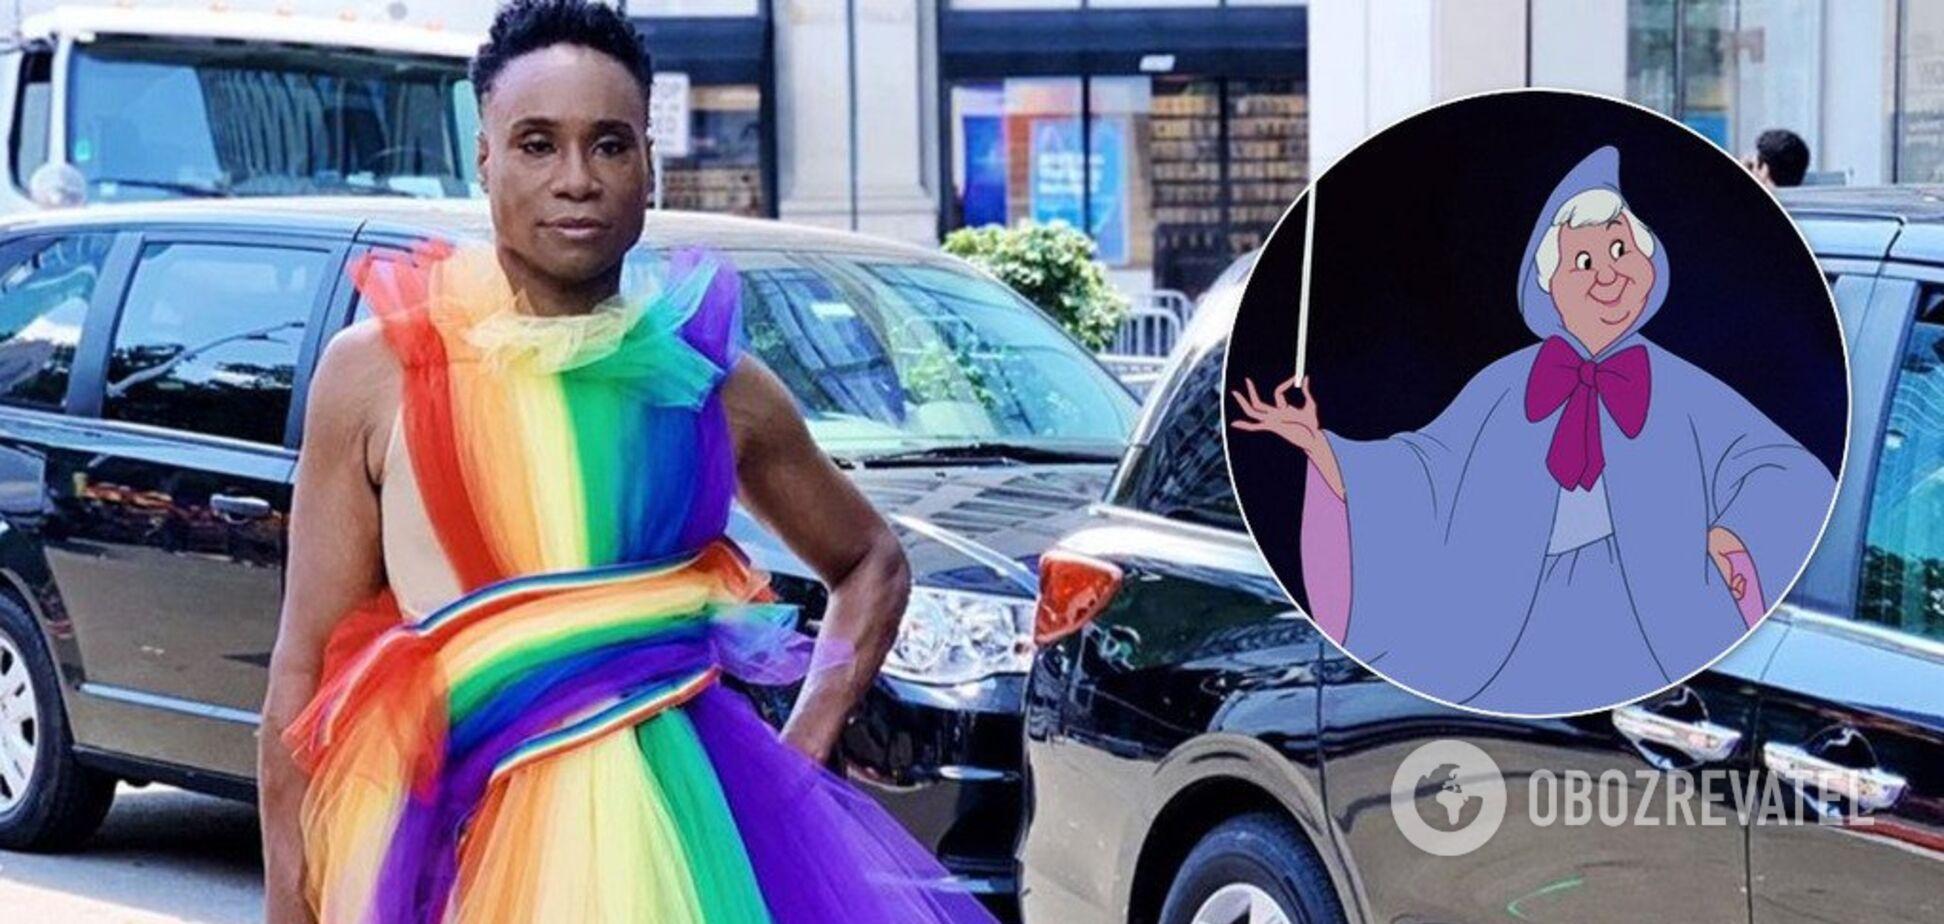 Феєю-хресною в 'Попелюшці' може стати темношкірий гей: фото епатажної діви